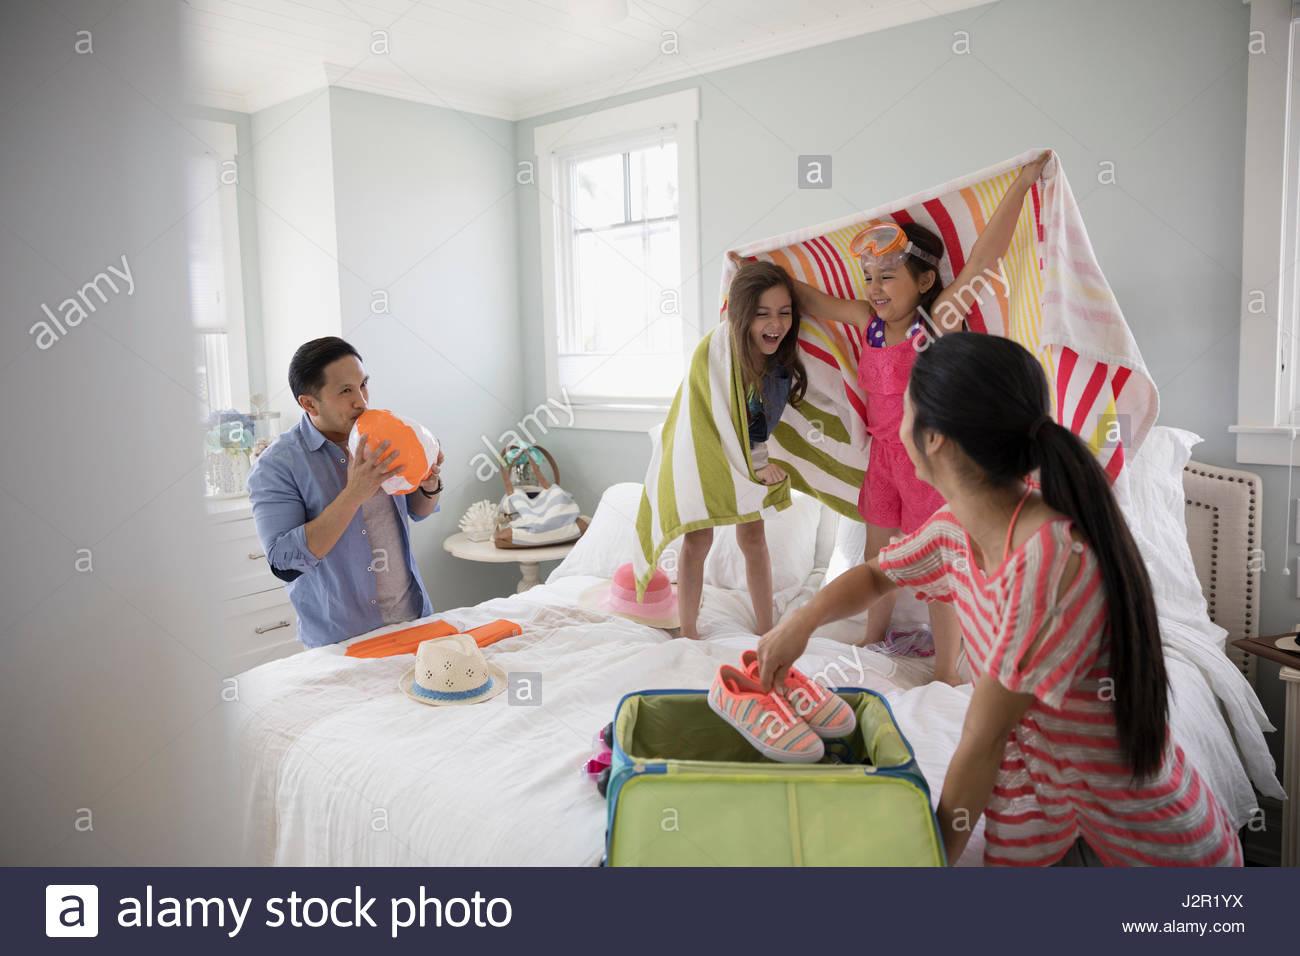 Familie, Verpackung für Urlaub, spielen auf Bett Stockbild